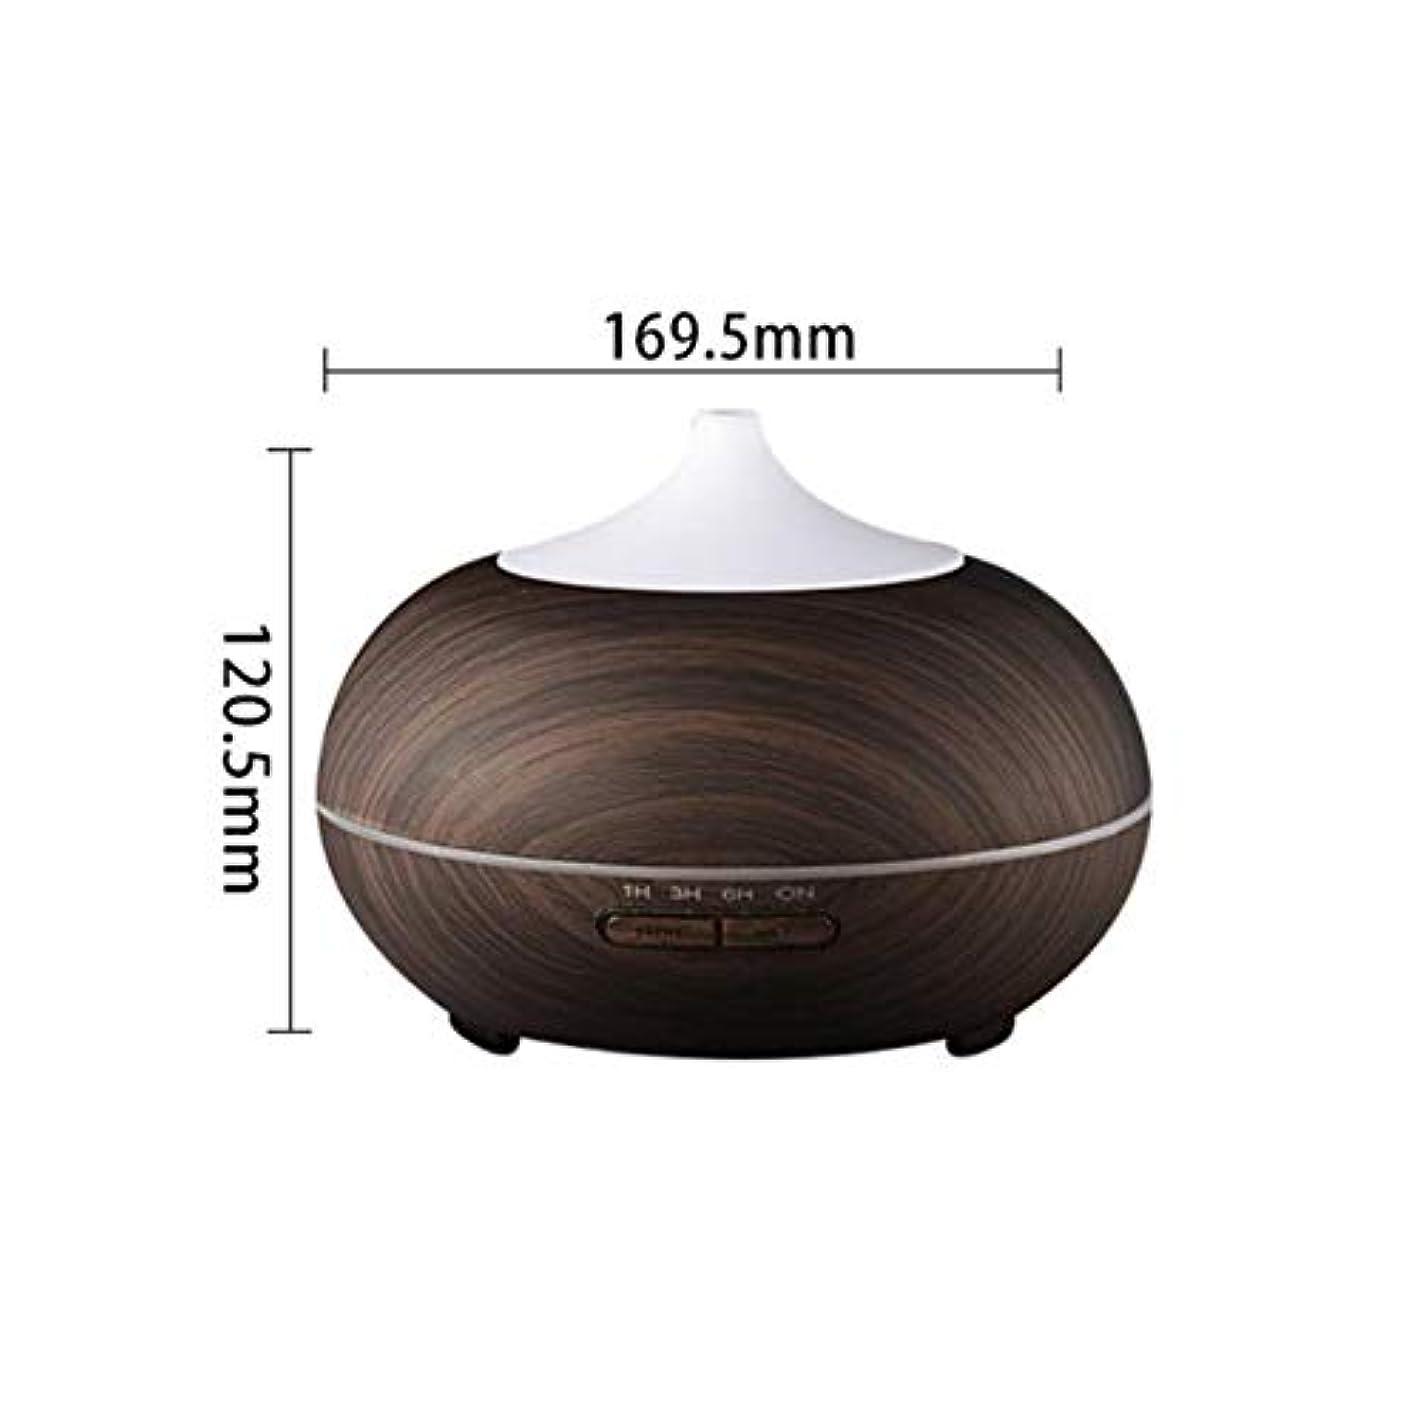 つづりマイルド意見木目 涼しい霧 加湿器,7 色 空気を浄化 加湿機 時間 手動 Wifiアプリコントロール 精油 ディフューザー アロマネブライザー Yoga- 300ml